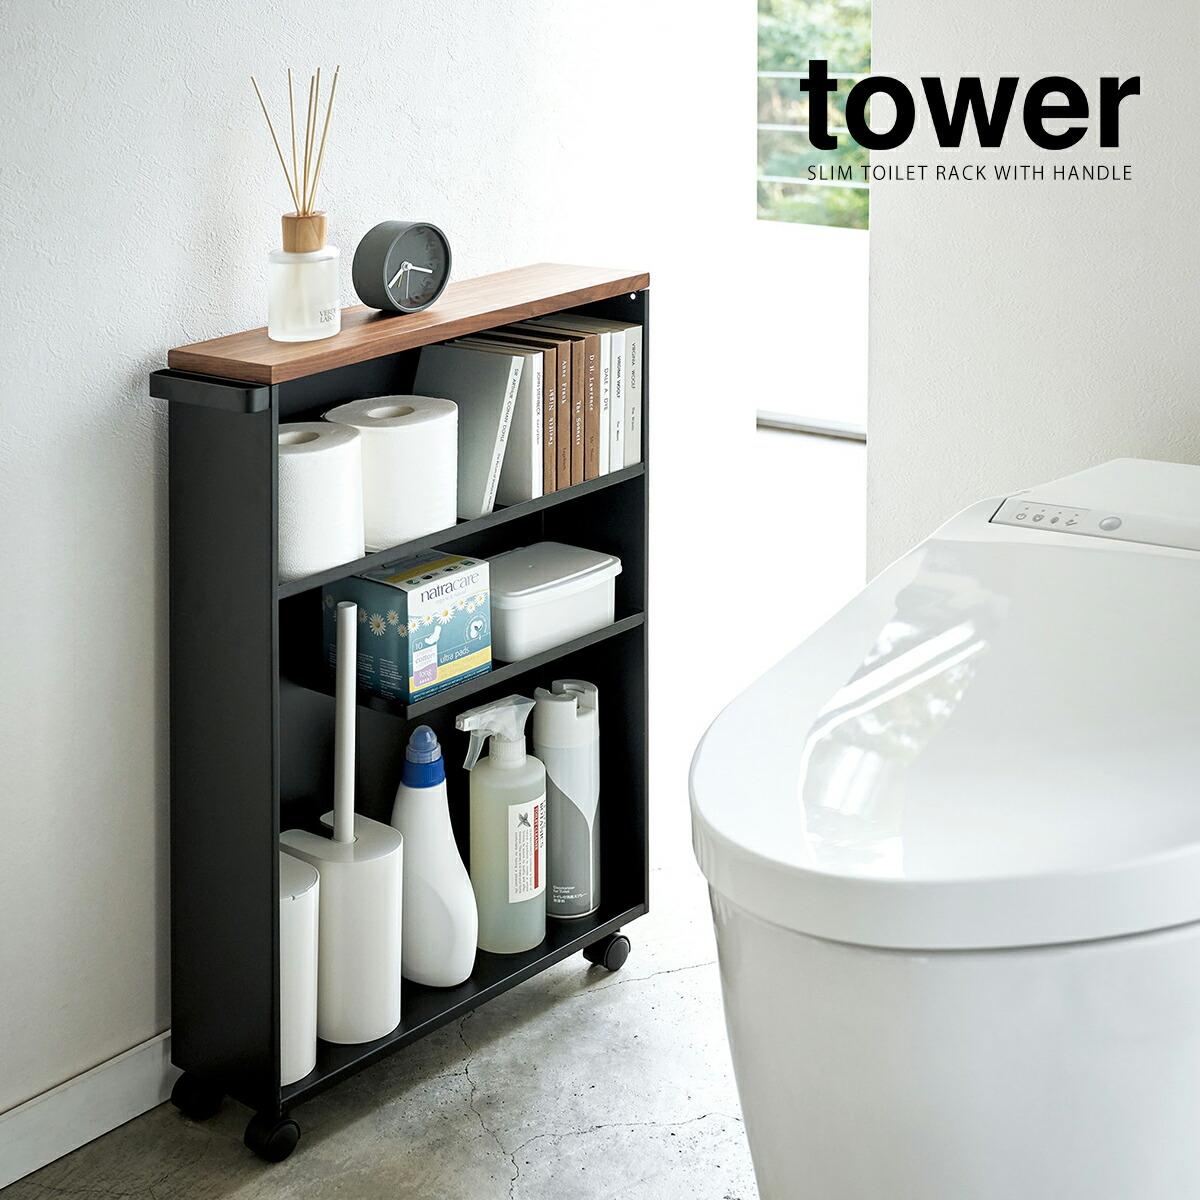 tower タワー トイレ 収納 おしゃれ 棚 スリム トイレットペーパー